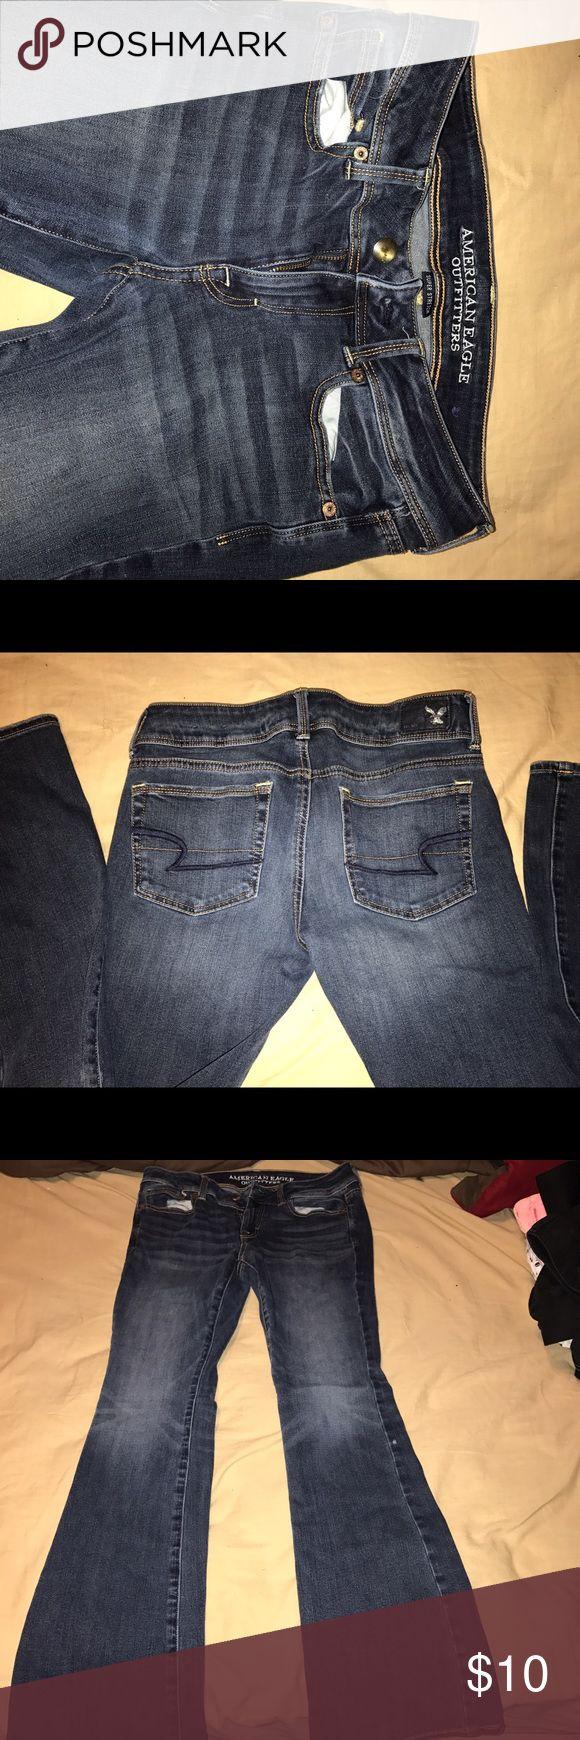 American Eagle jeans Stretch fit boot cut American eagle jeans American Eagle Outfitters Jeans Boot Cut